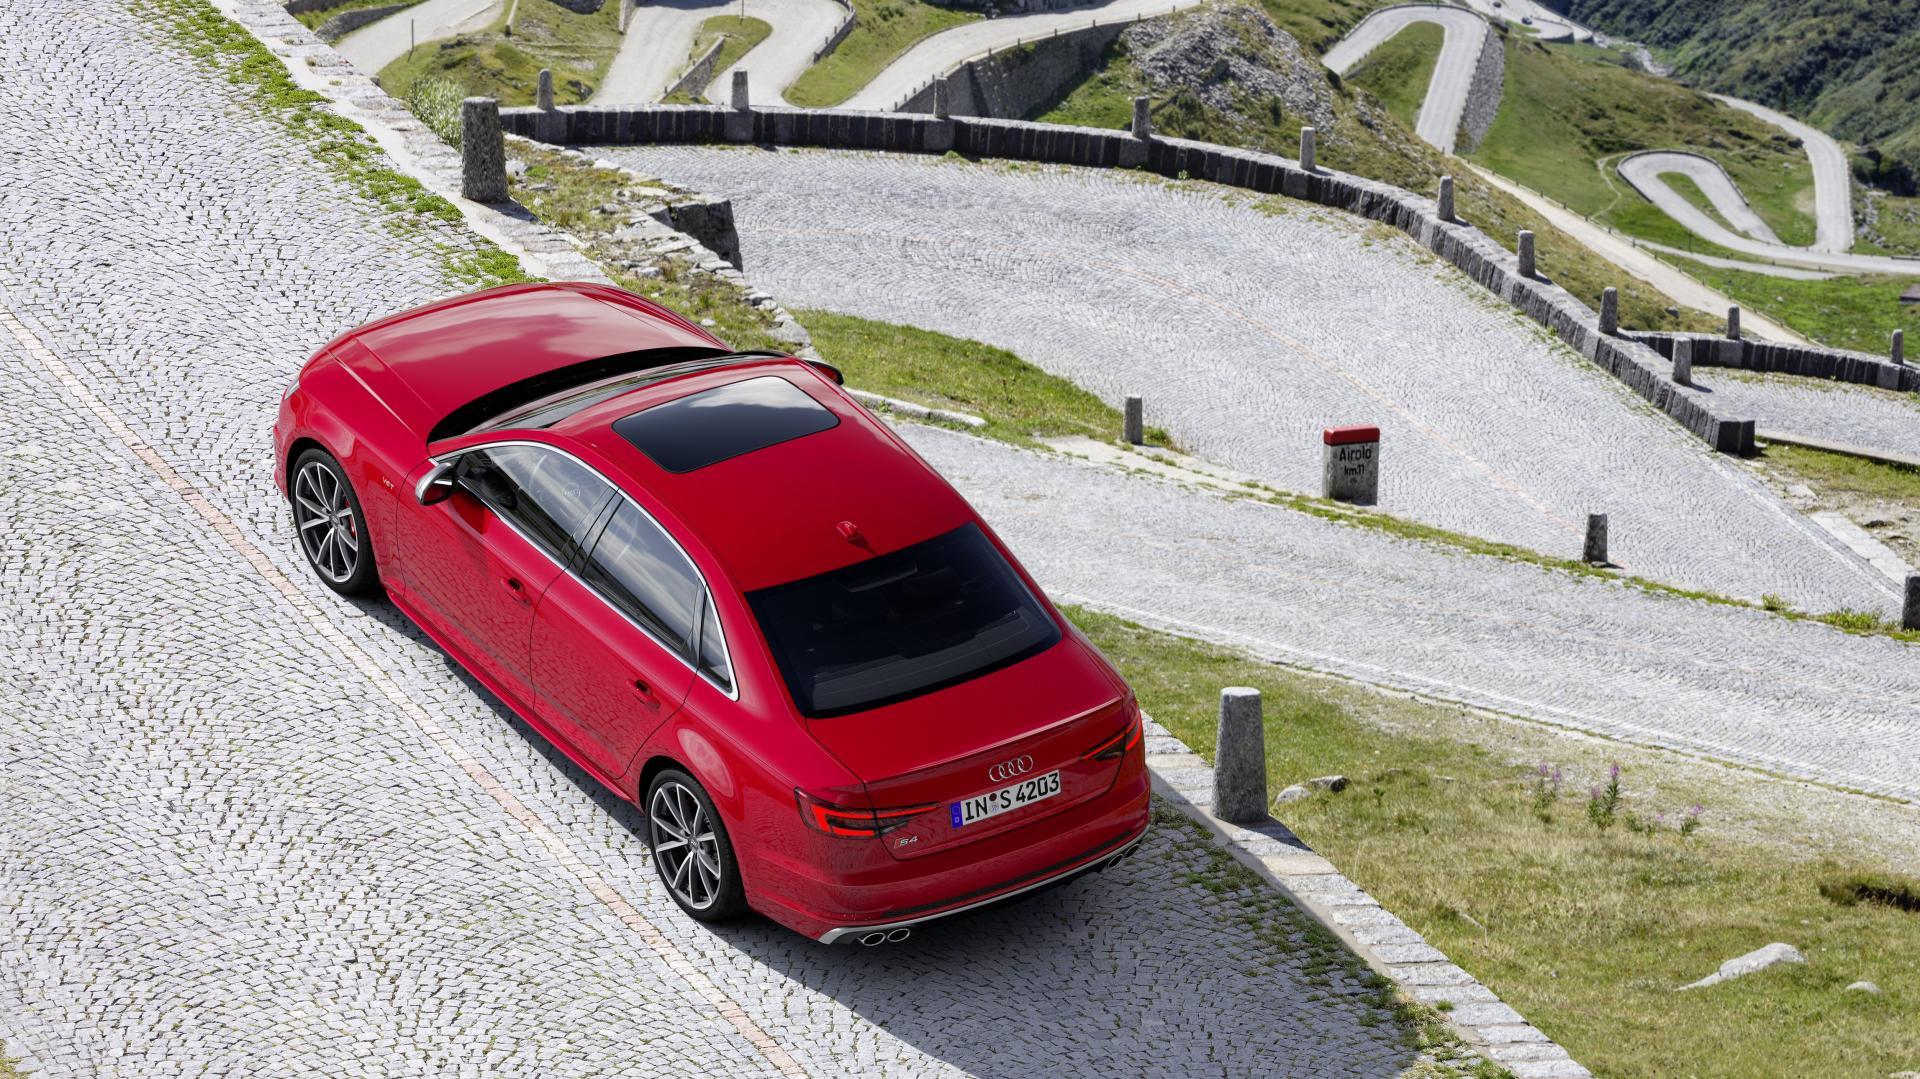 Audi S4 TDI Misano red